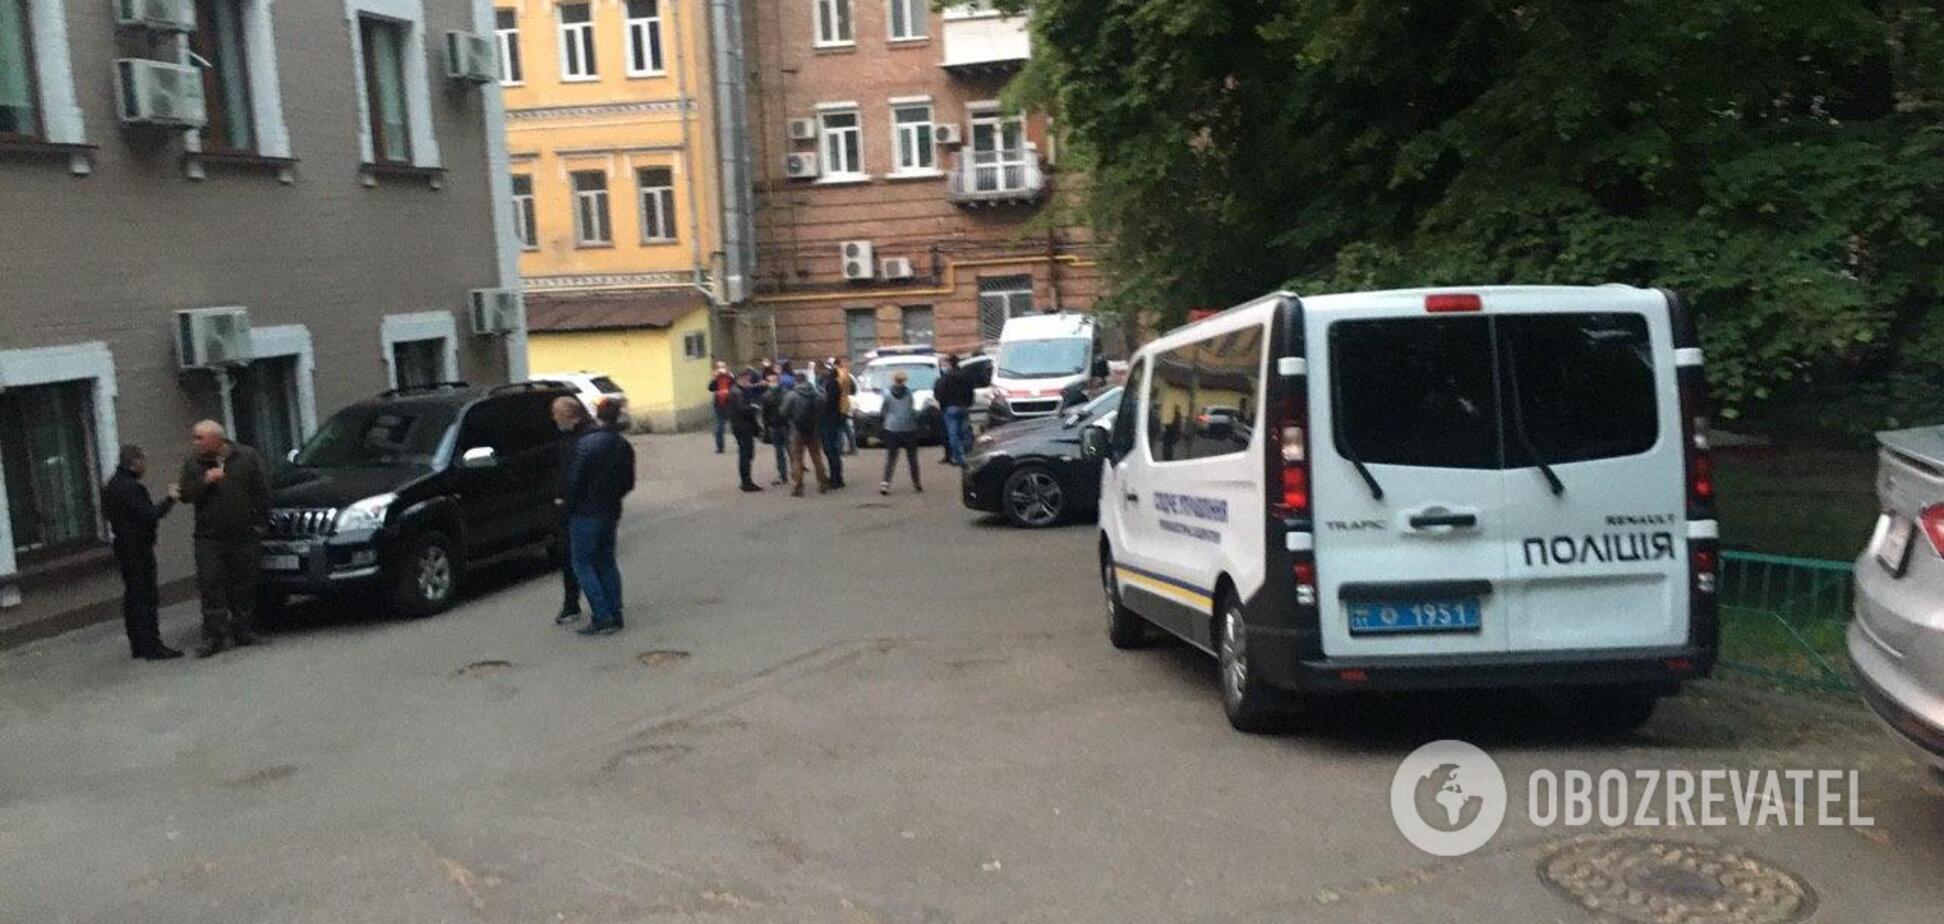 Поліція назвала версію загибелі нардепа у Києві